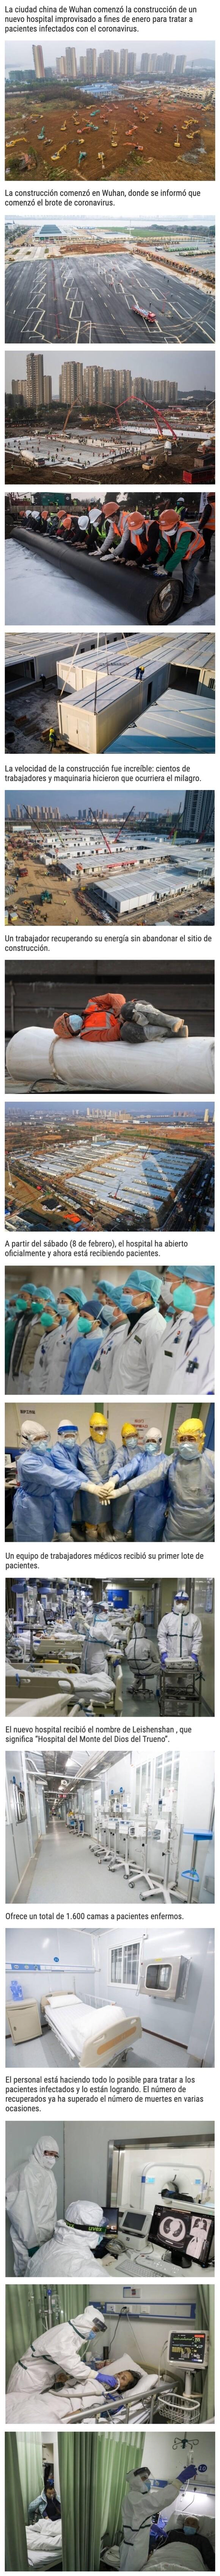 2874 - Fotos que muestran cómo construyeron el nuevo hospital de Wuhan en 10 días para tratar el coronarivus